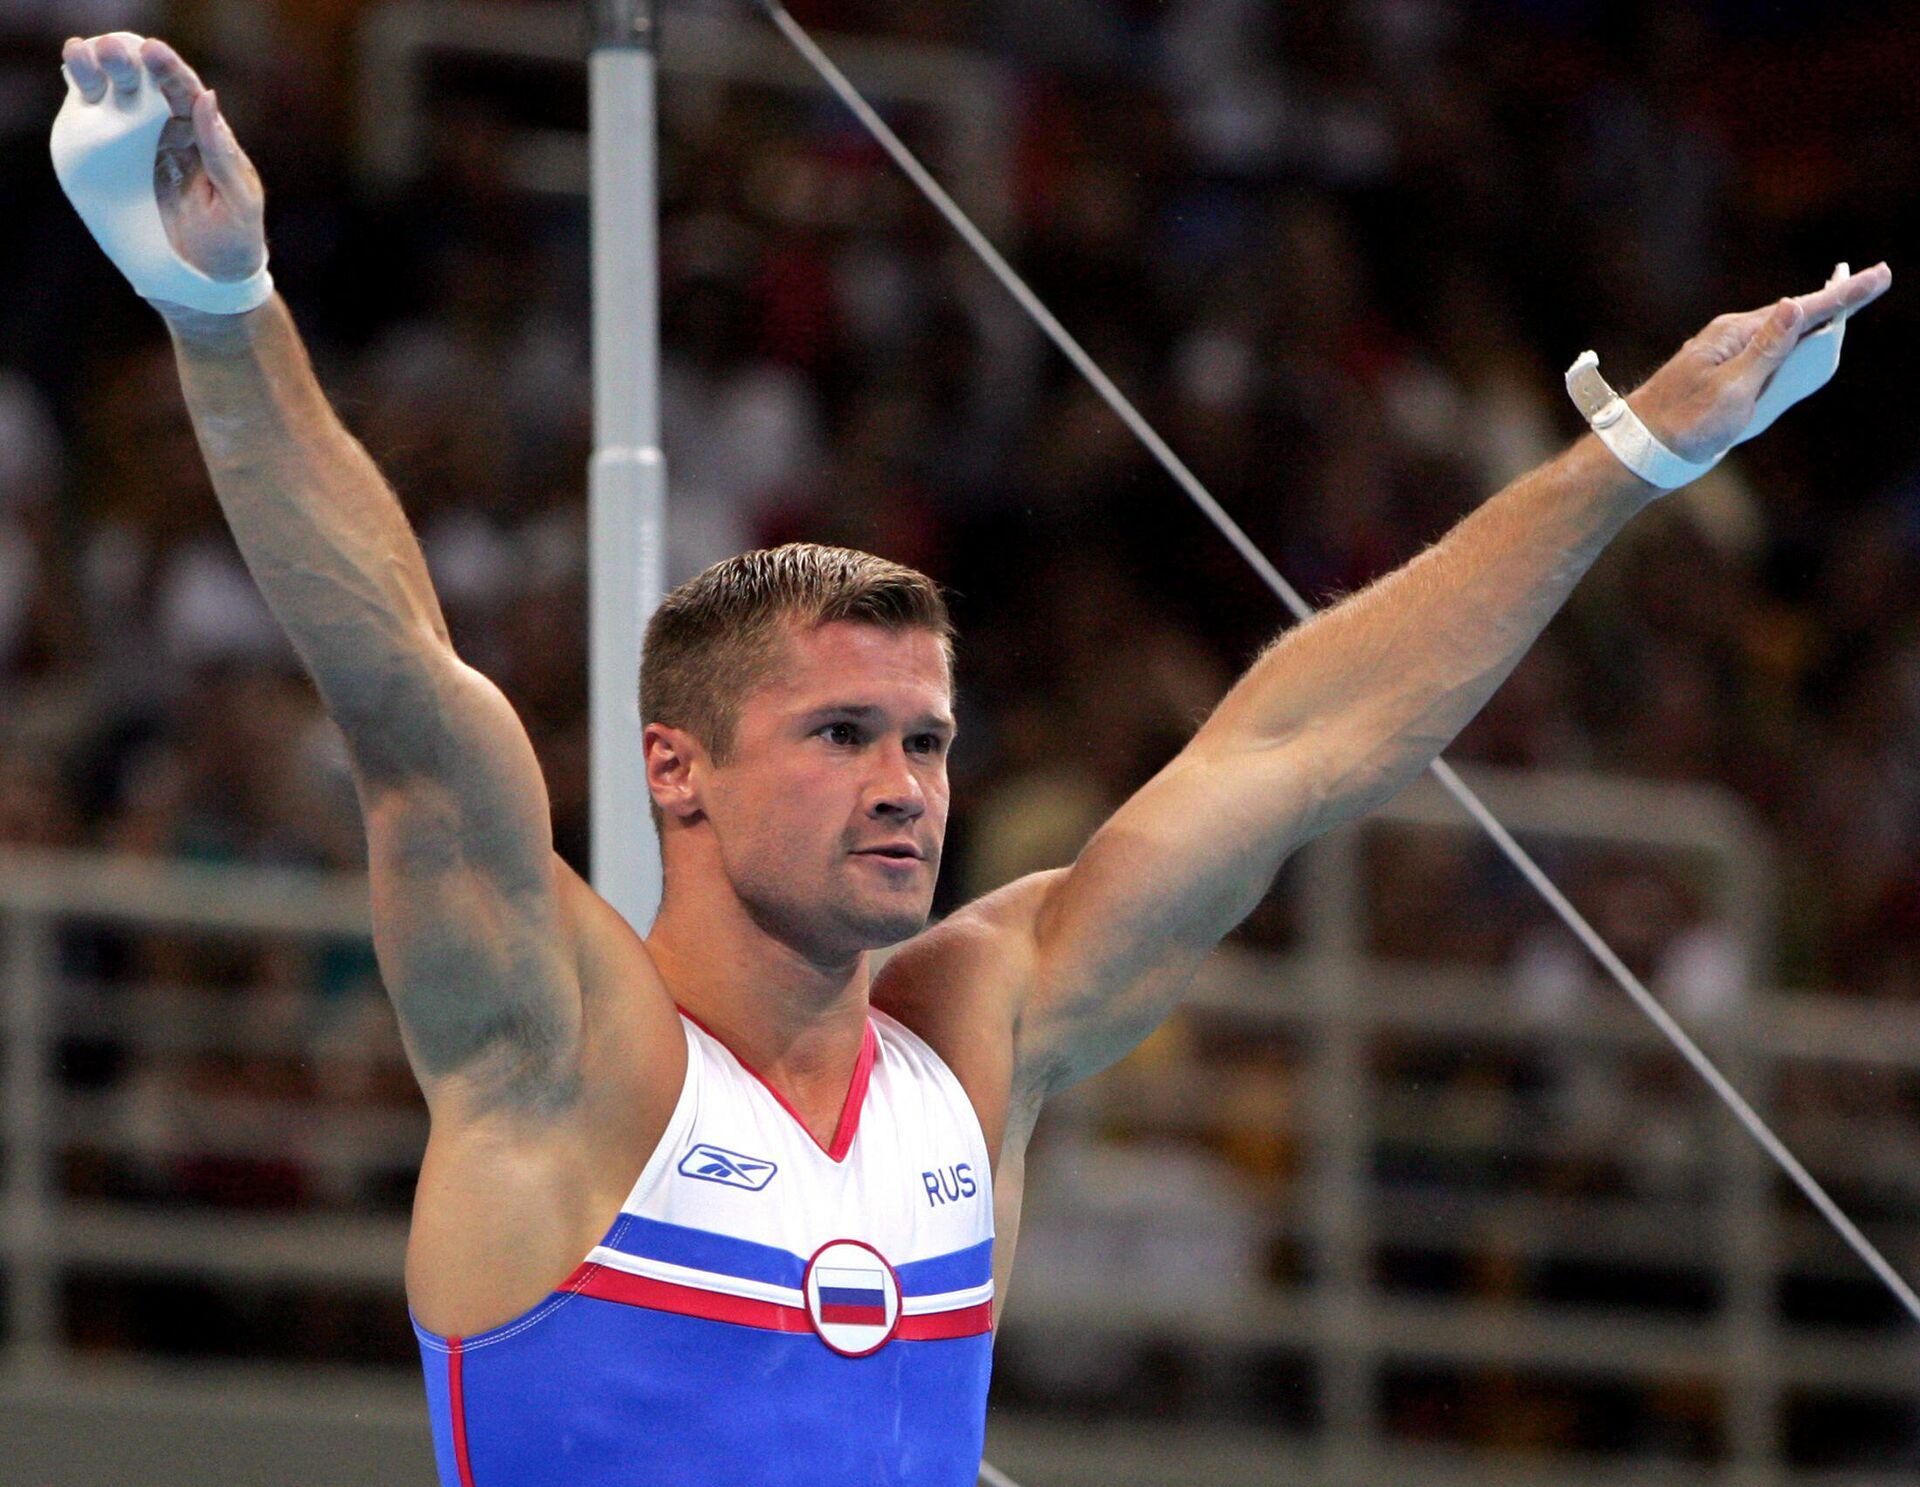 Алексей Немов на Олимпиаде 2004 года в Афинах - РИА Новости, 1920, 05.08.2021